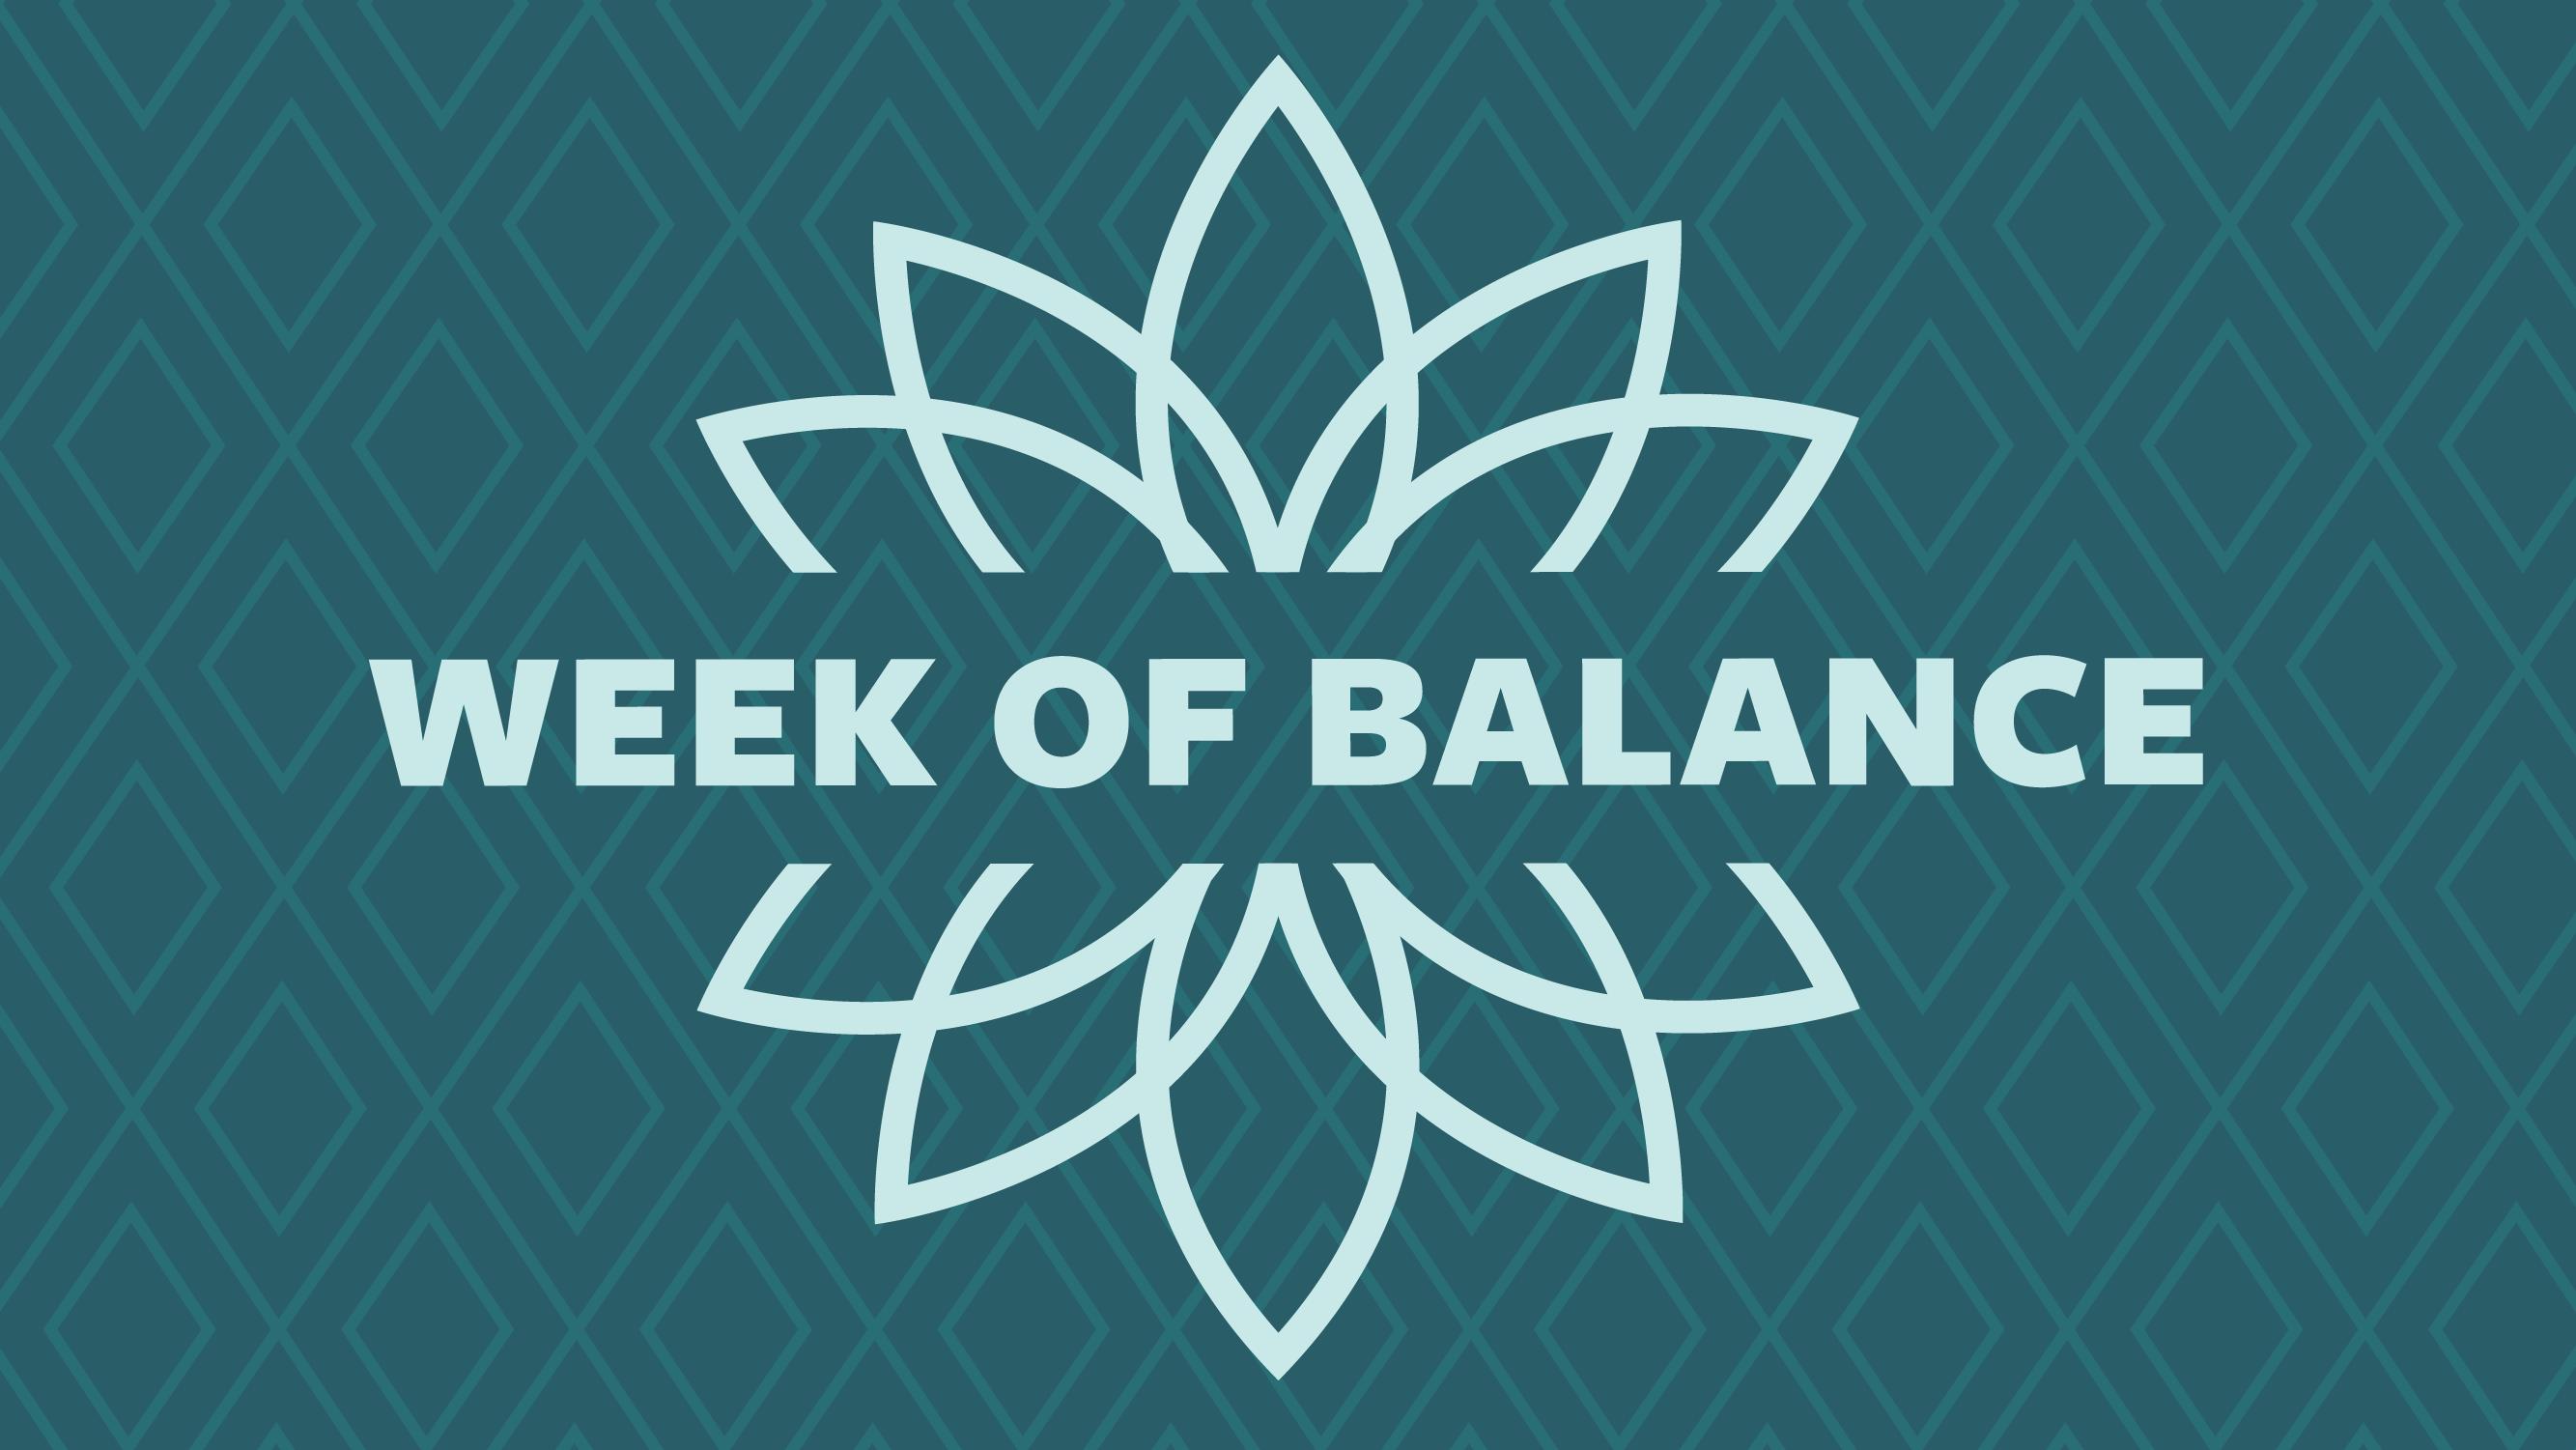 Week of Balance logo